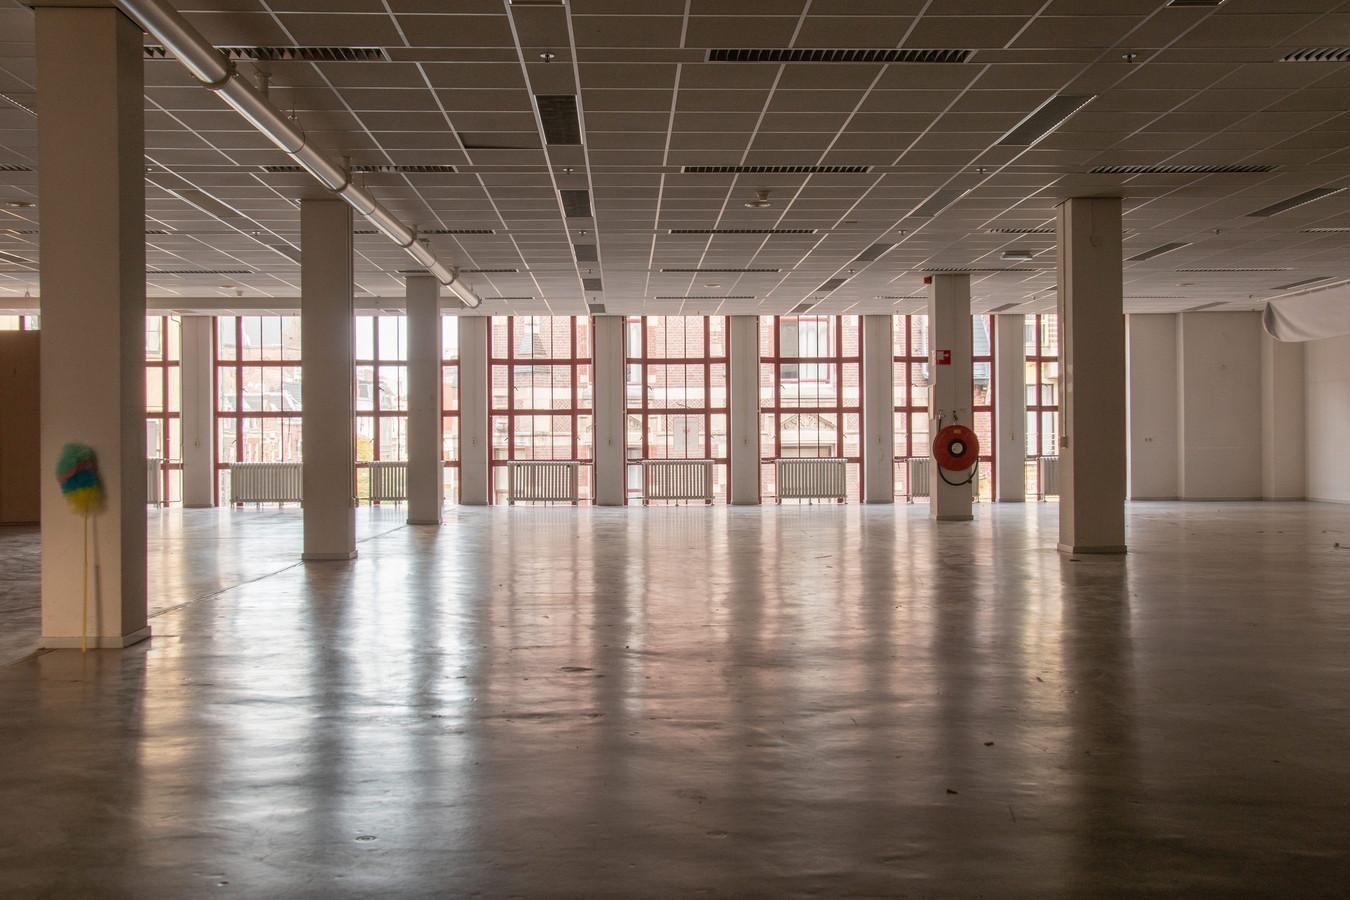 De enorme ruimte in de ontruimde bibliotheek valt op.